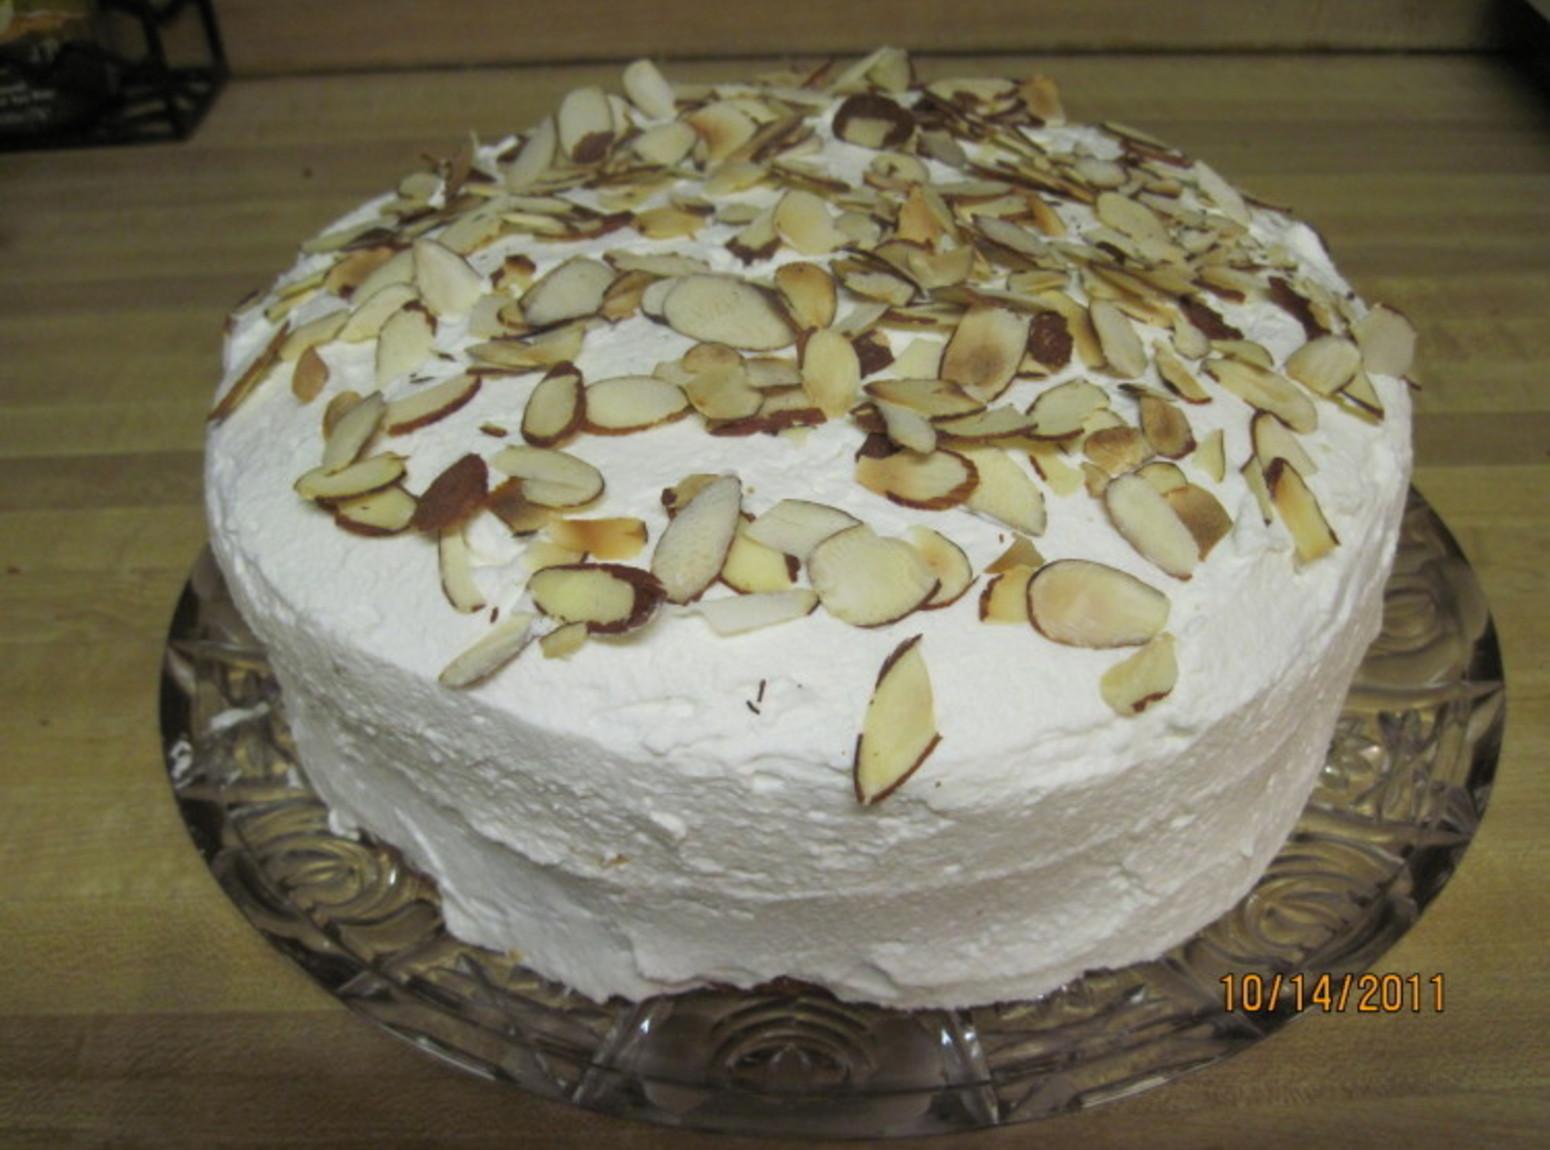 Cake De Nata Cubano